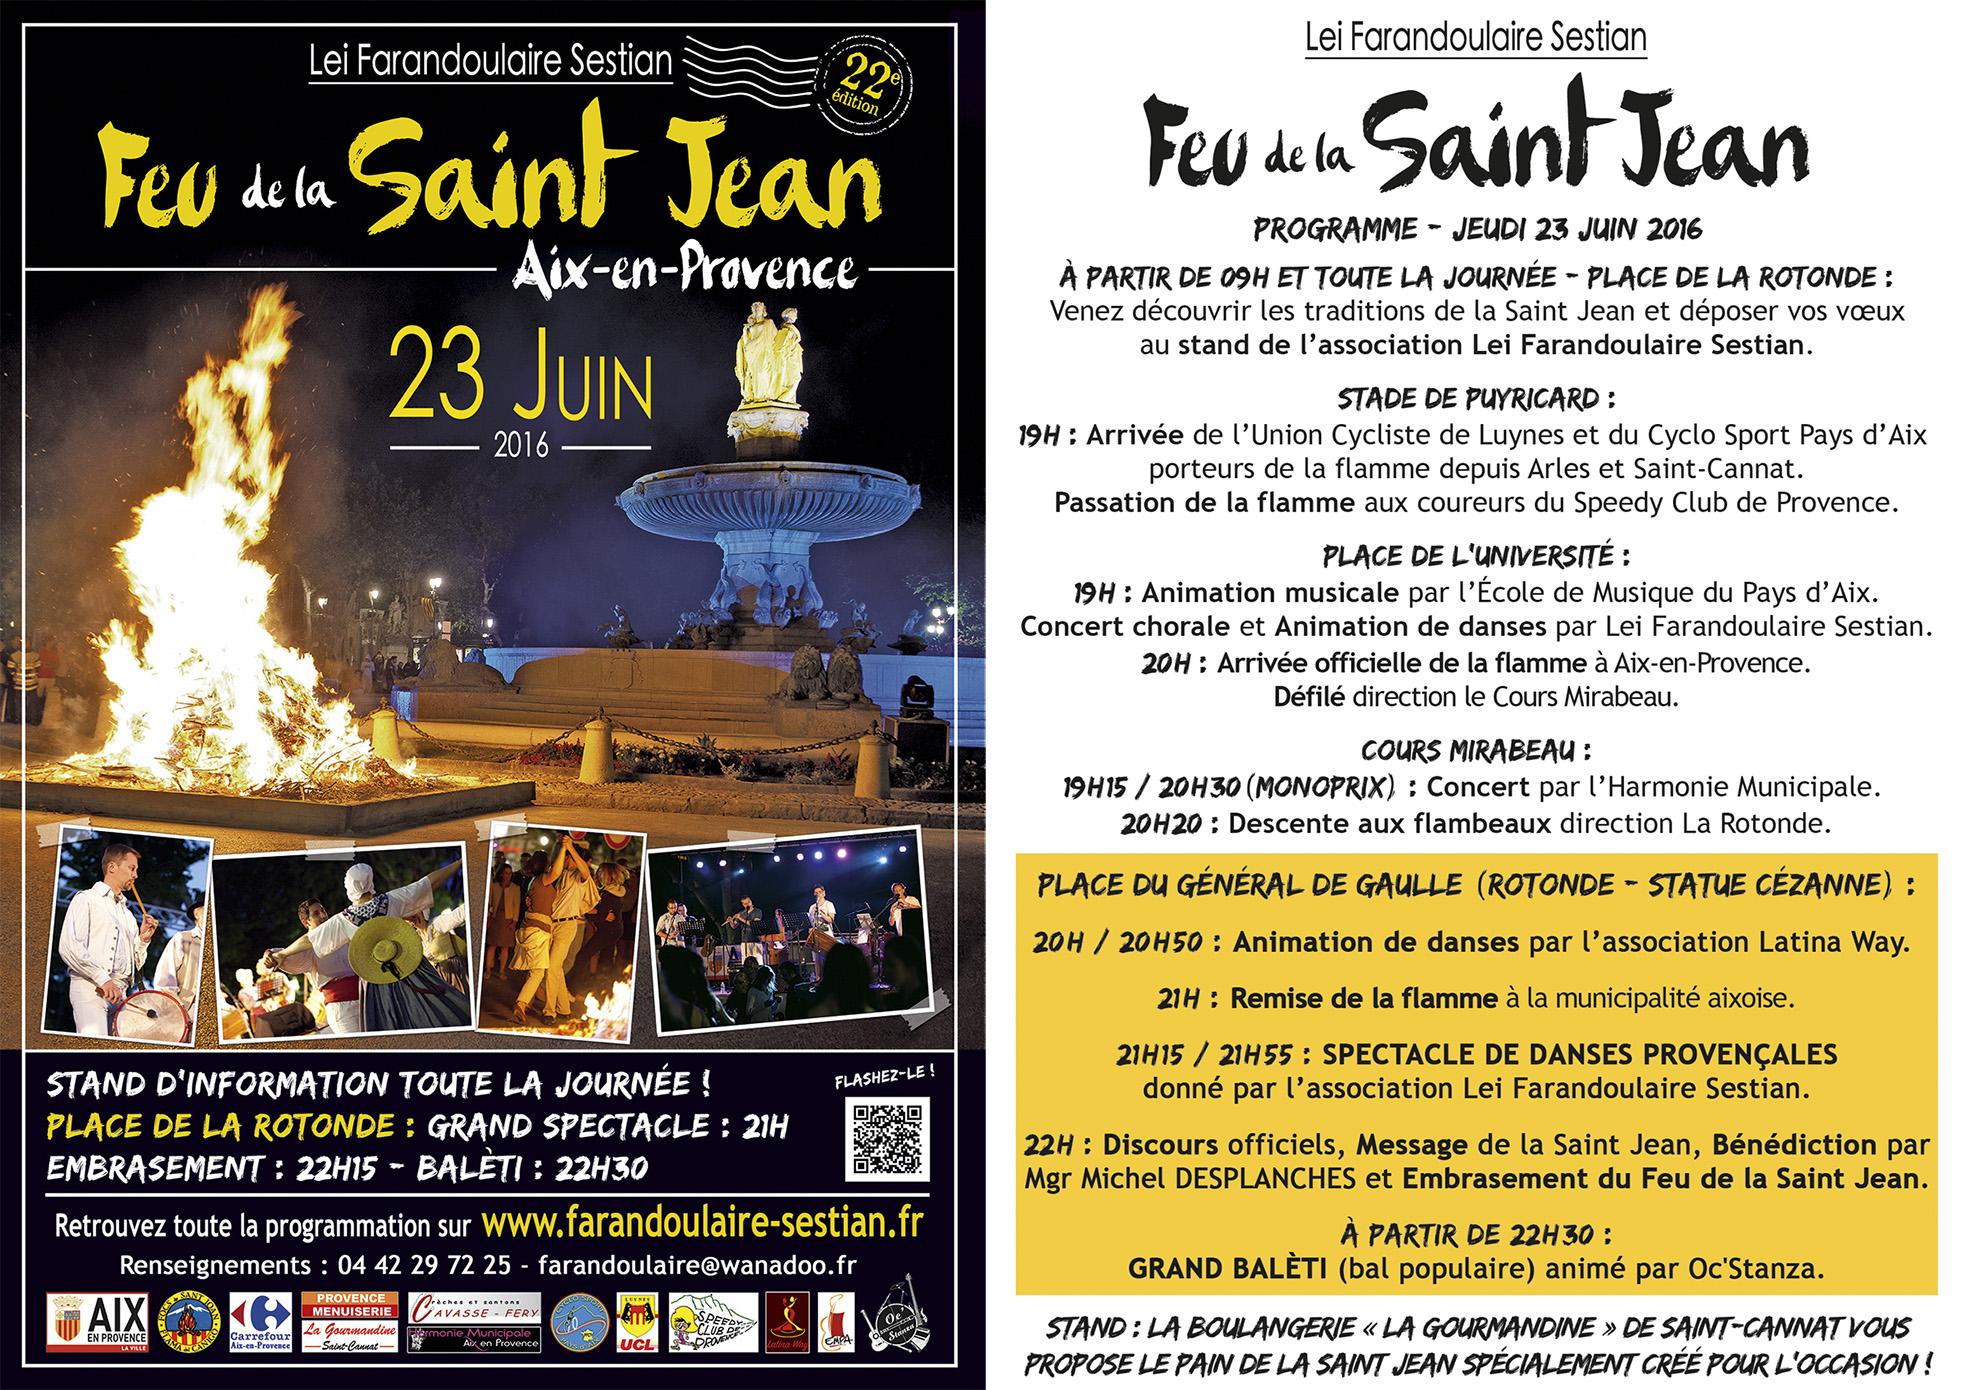 Fête de la Saint Jean - Aix en Provence - Lei Farandoulaire Sestian